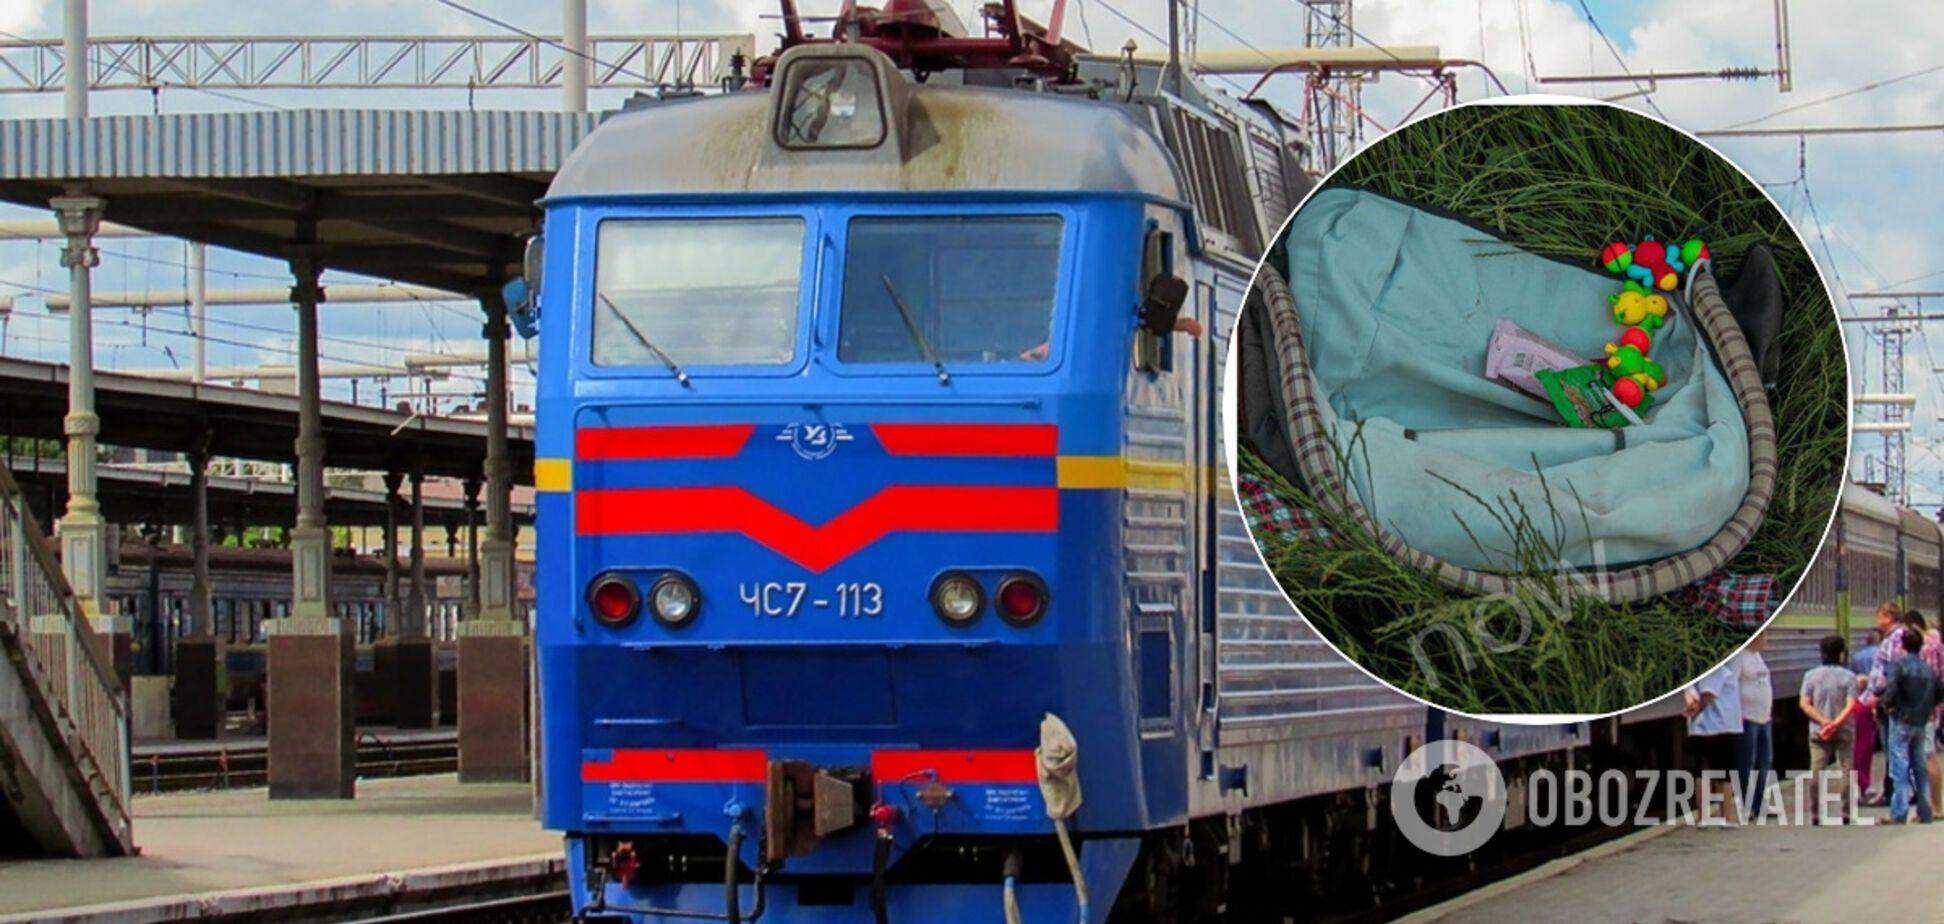 В Днепре поезд сбил коляску с полуторагодовалым ребенком: фото с места ЧП